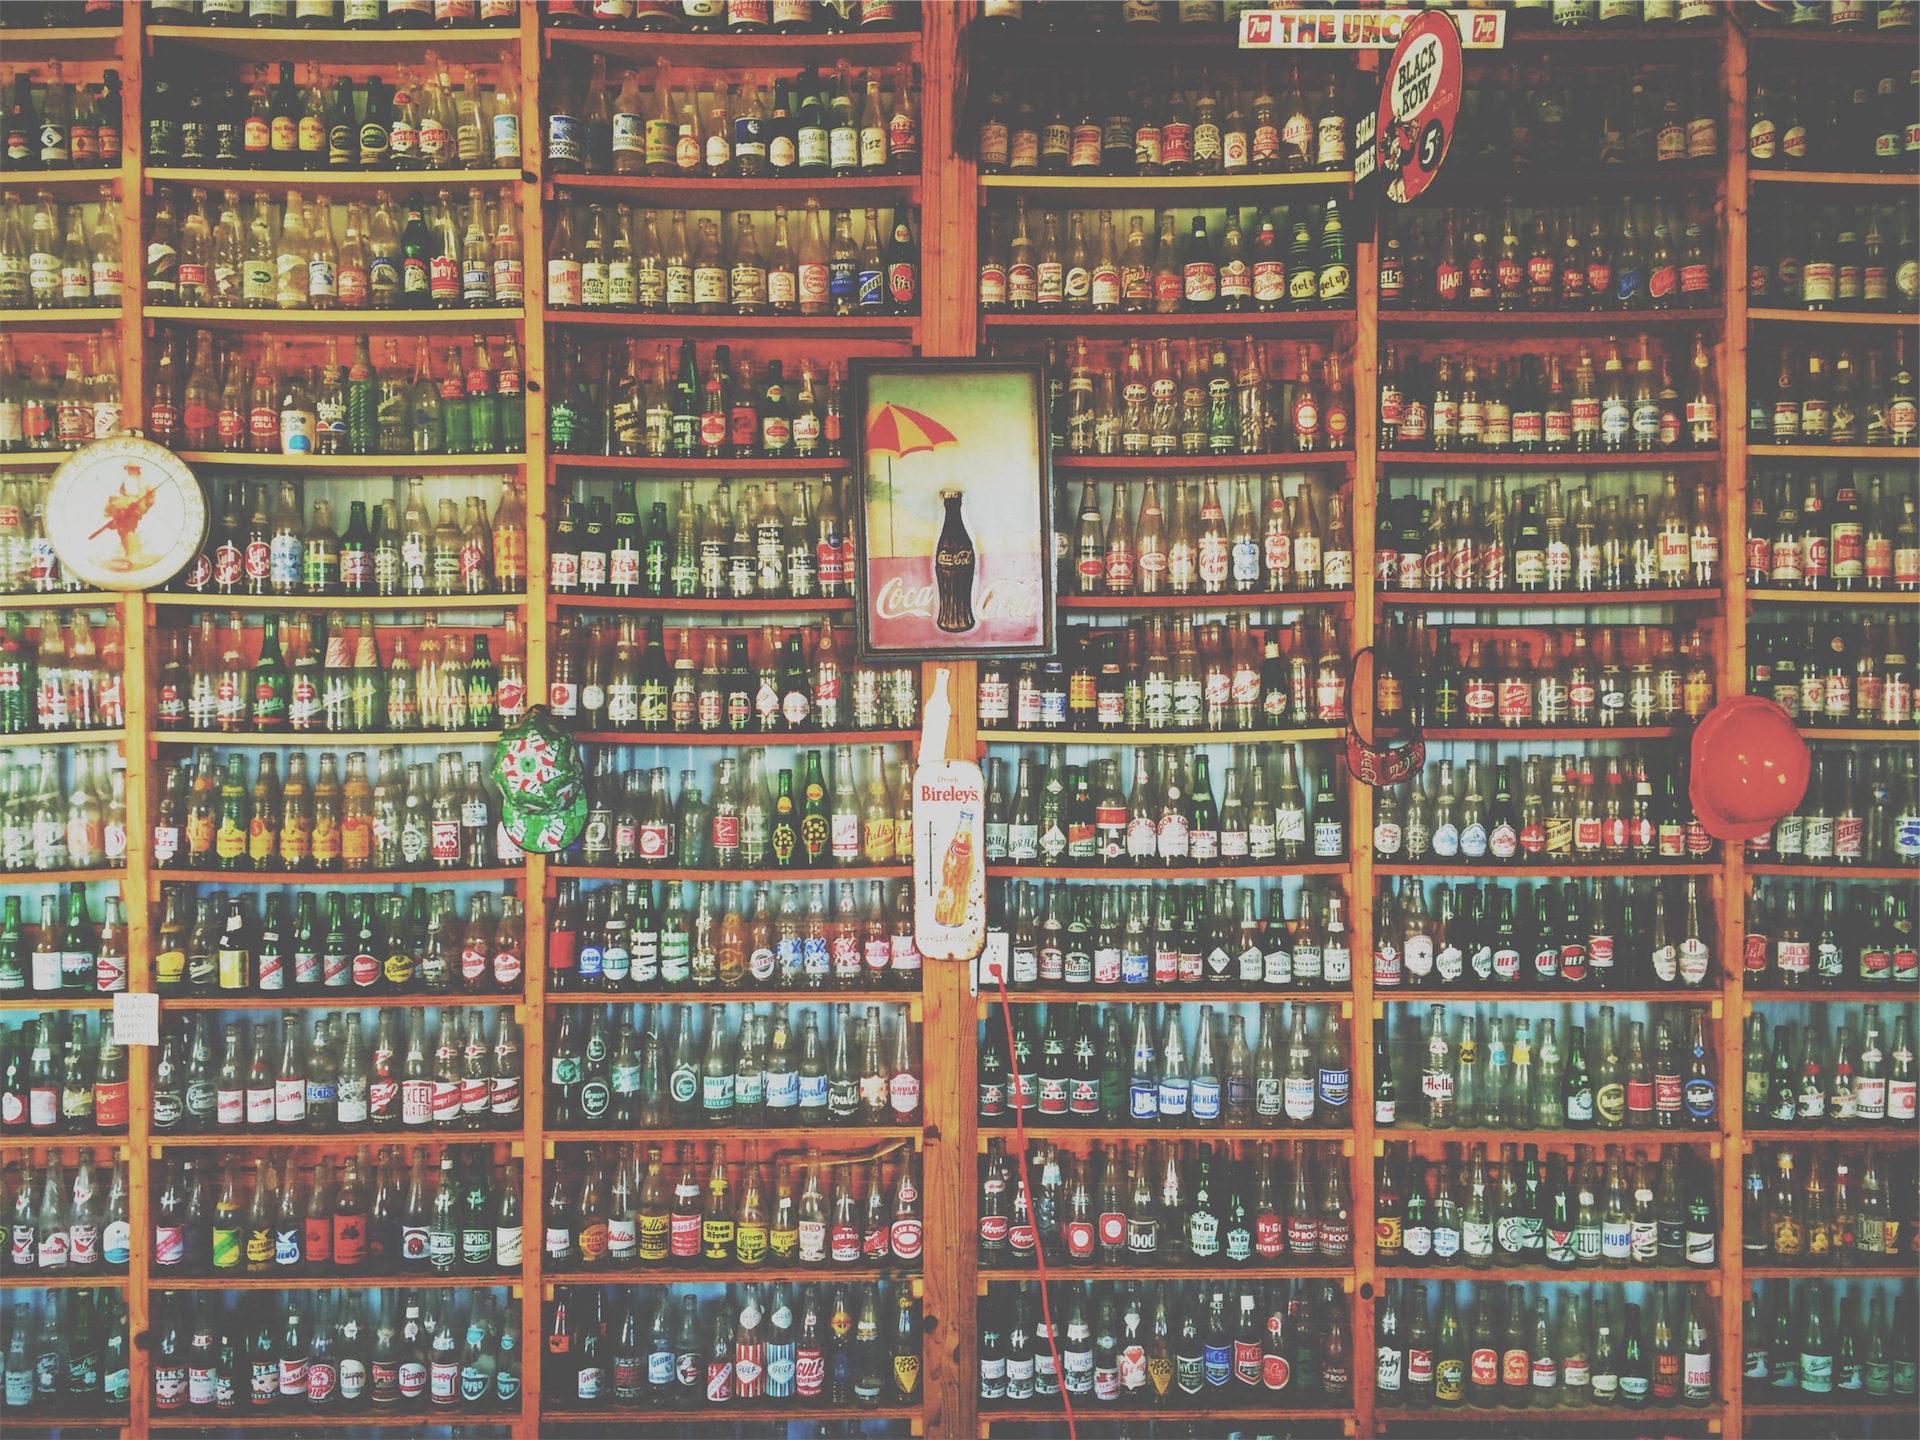 瓶, 软性饮料, 啤酒, 搁置, 集合 - 高清壁纸 - 教授-falken.com